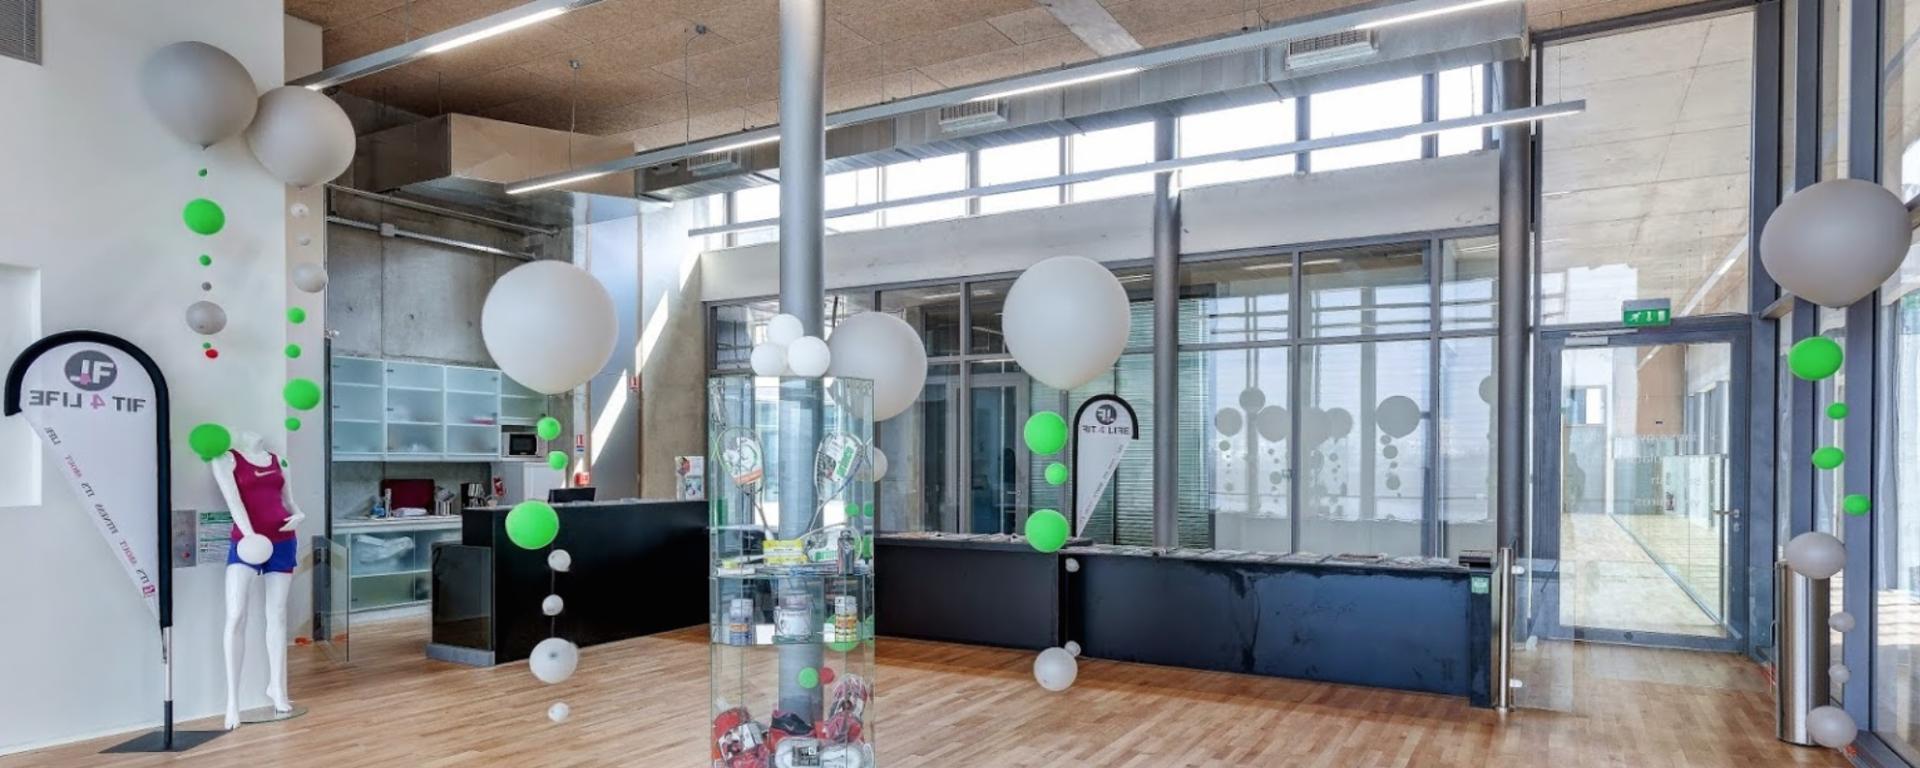 Photo 5 Les meilleurs tarifs  et activités pour le centre Espace Forme Jules Ladoumegue Paris